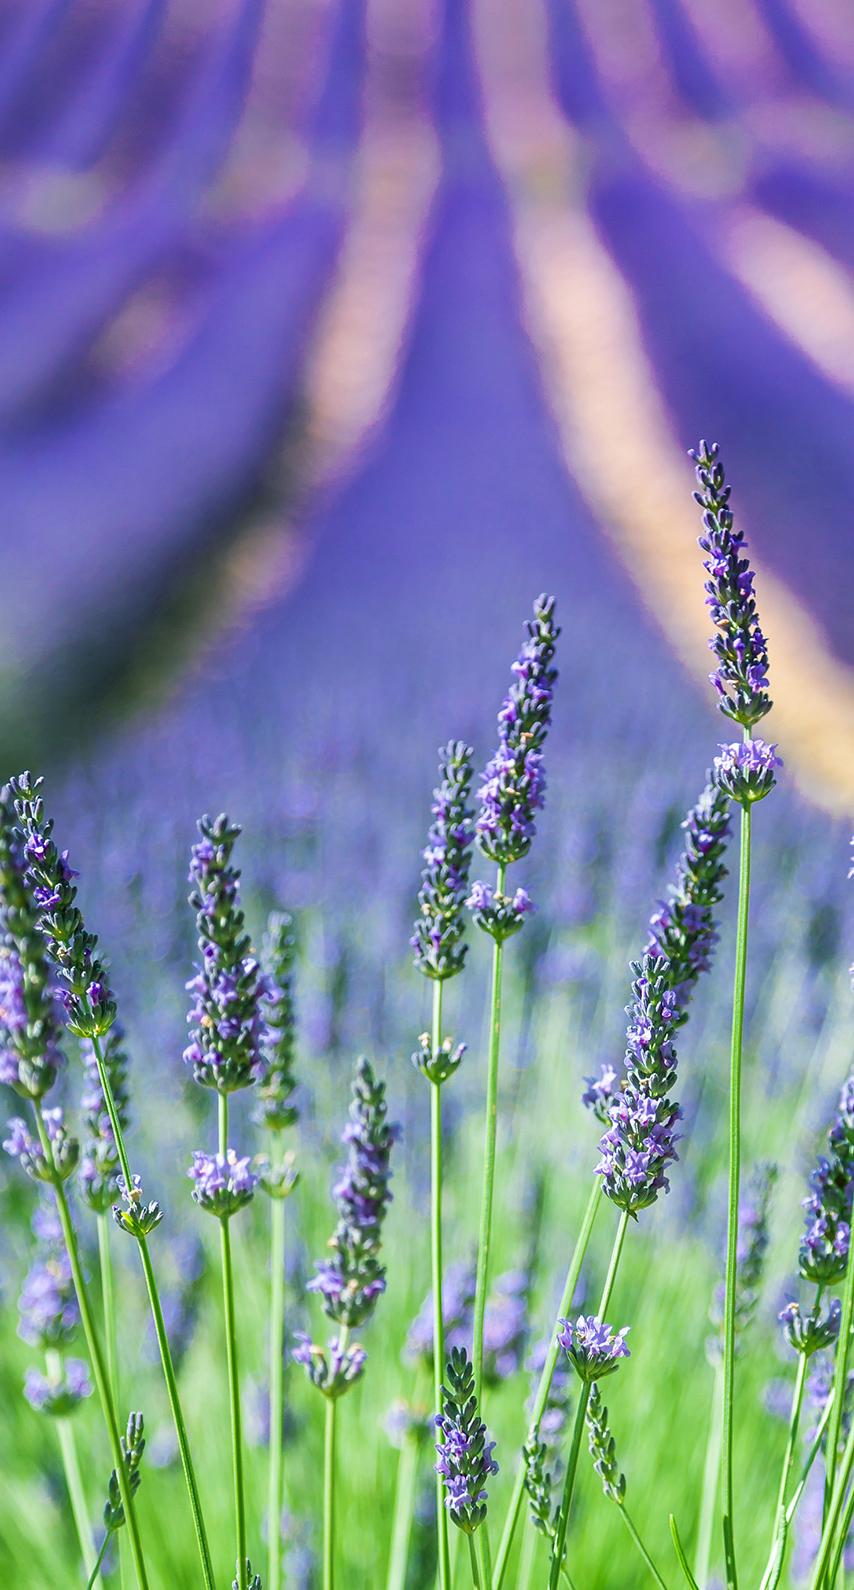 growth, lavender color